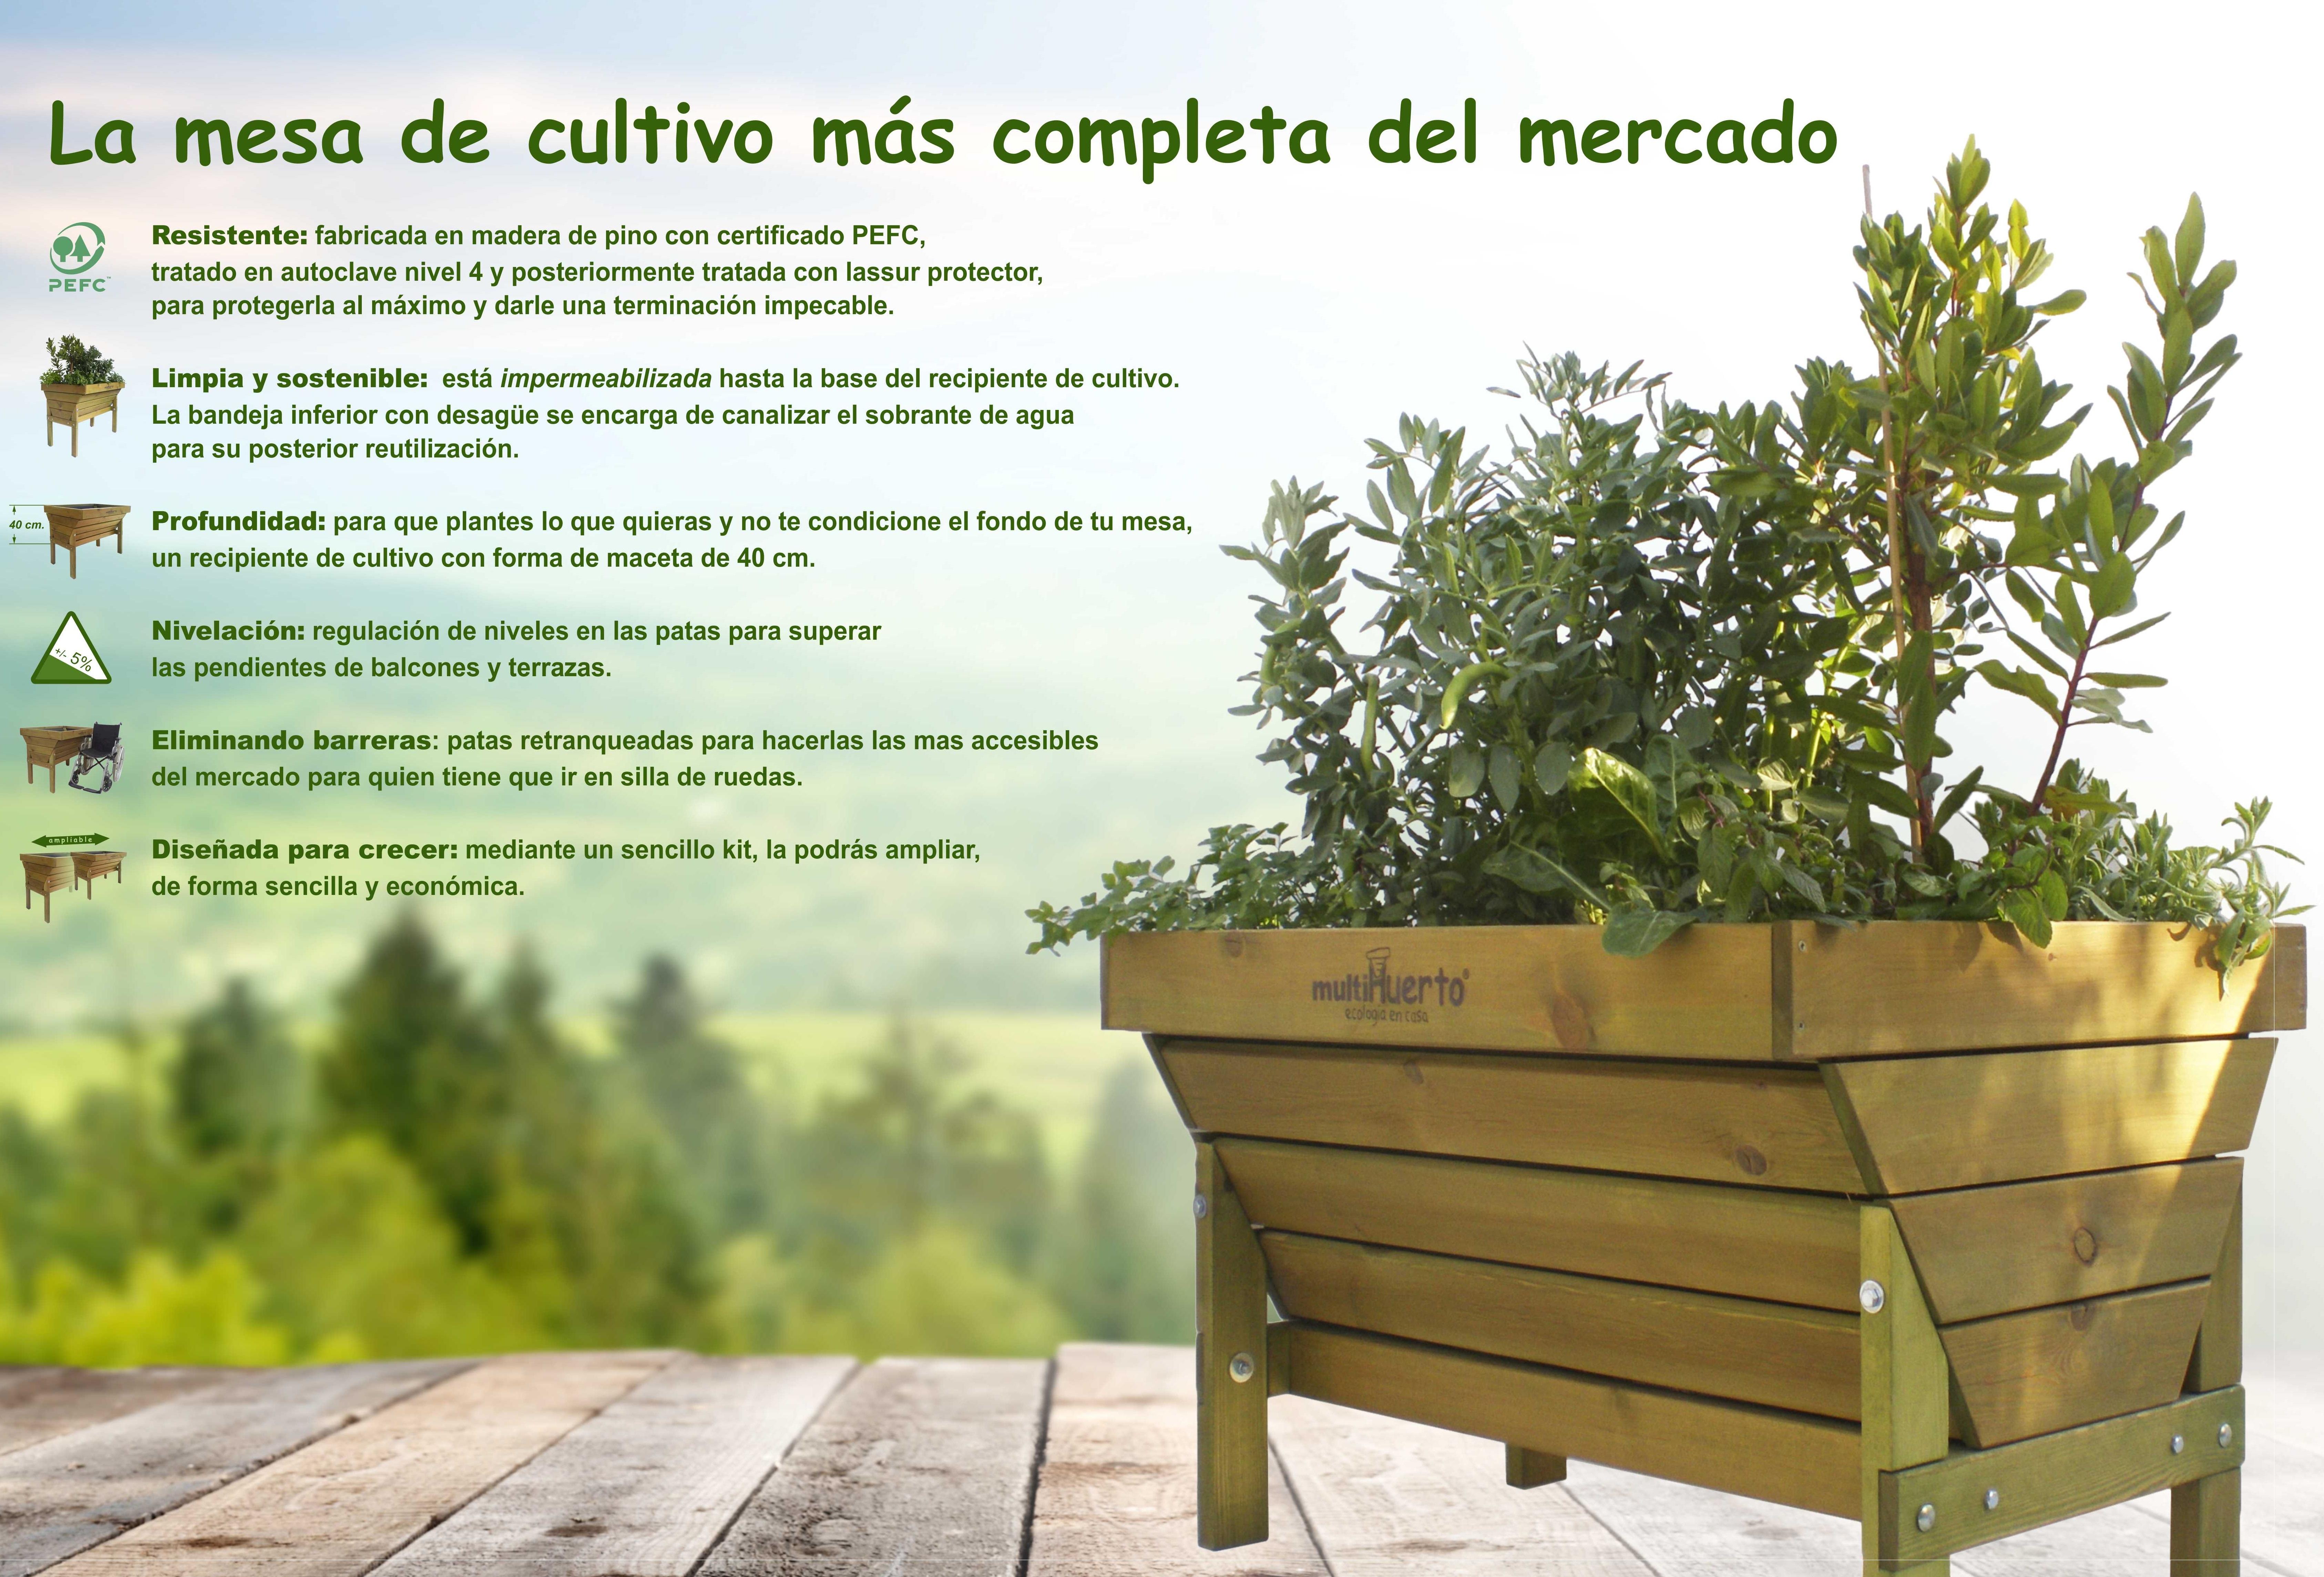 Drenaje urbano elementos de diseo drenaje urbano no t - Drenaje mesa de cultivo ...